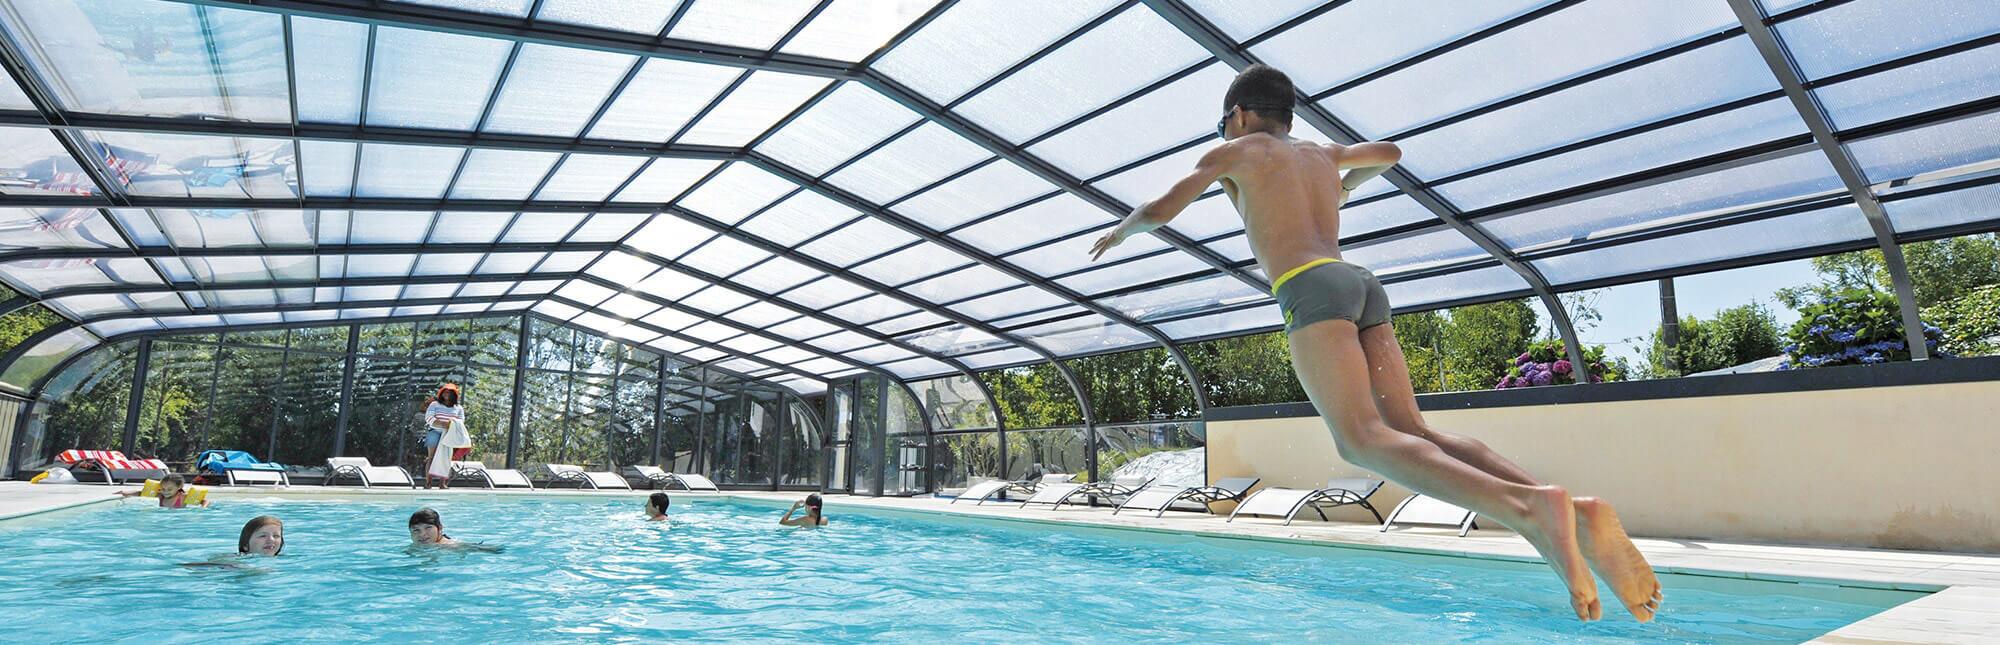 fabricant d 39 abris de piscine pour professionnels abri piscine gustave rideau. Black Bedroom Furniture Sets. Home Design Ideas